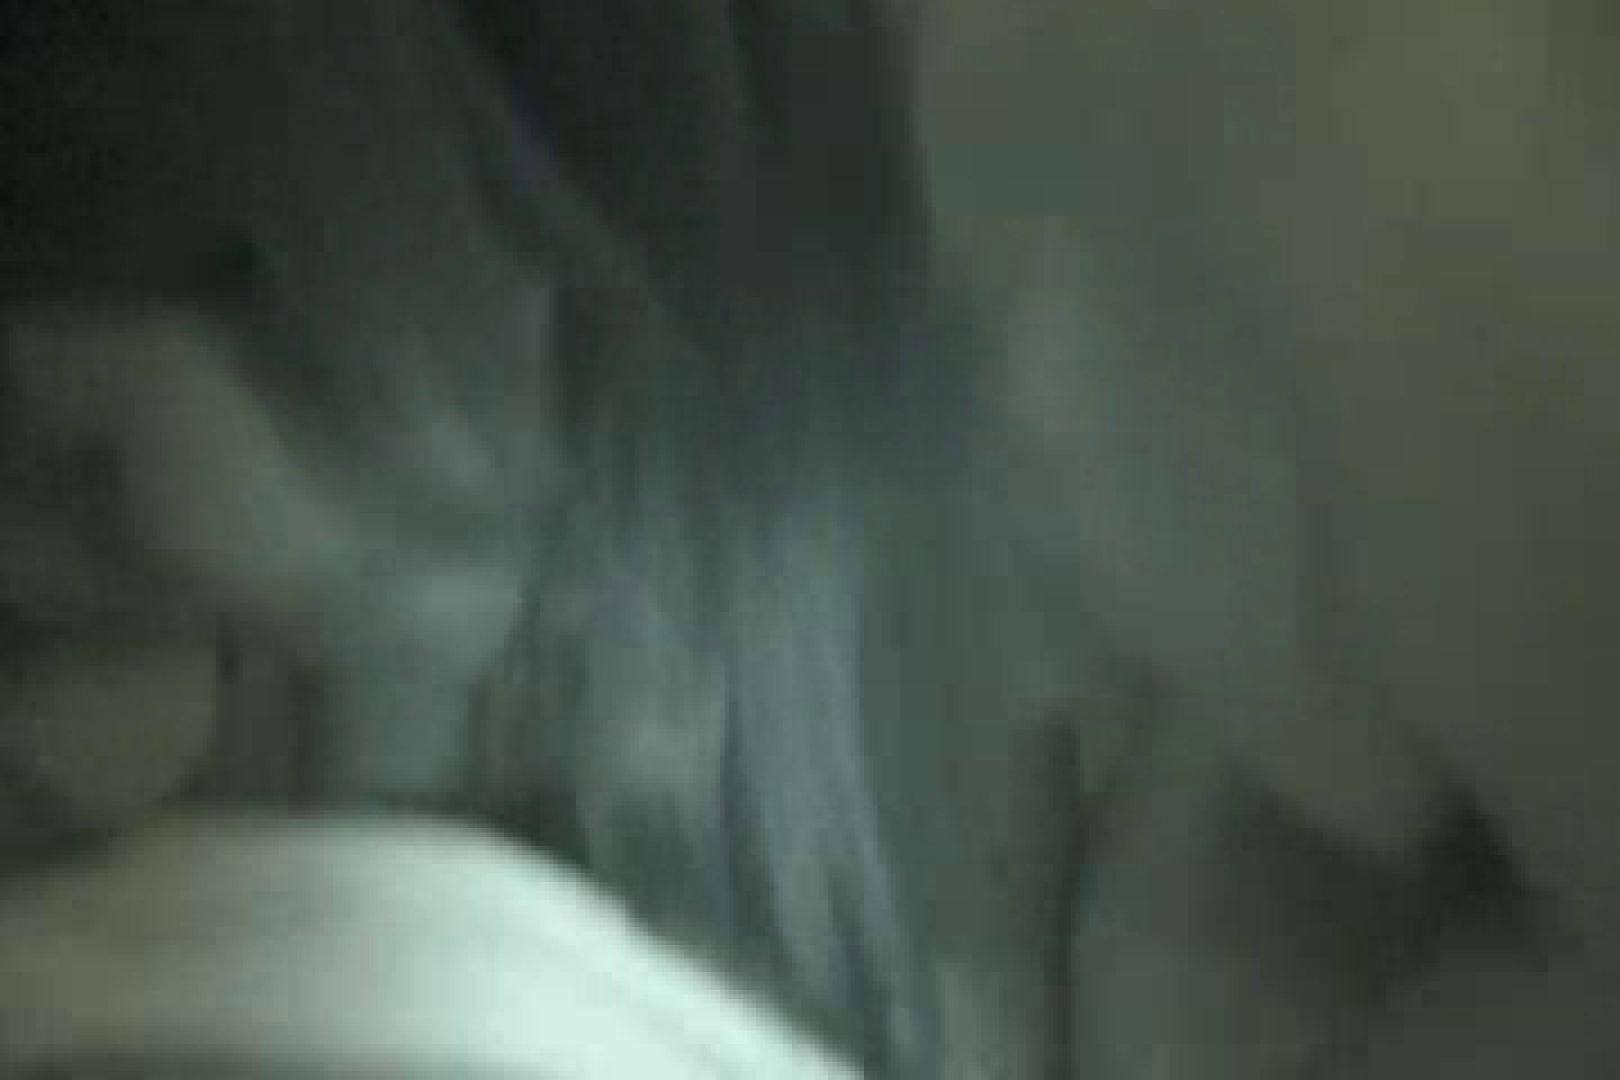 タレ目ちゃんに電気を消して中出し 一般投稿   スケベ  61pic 29